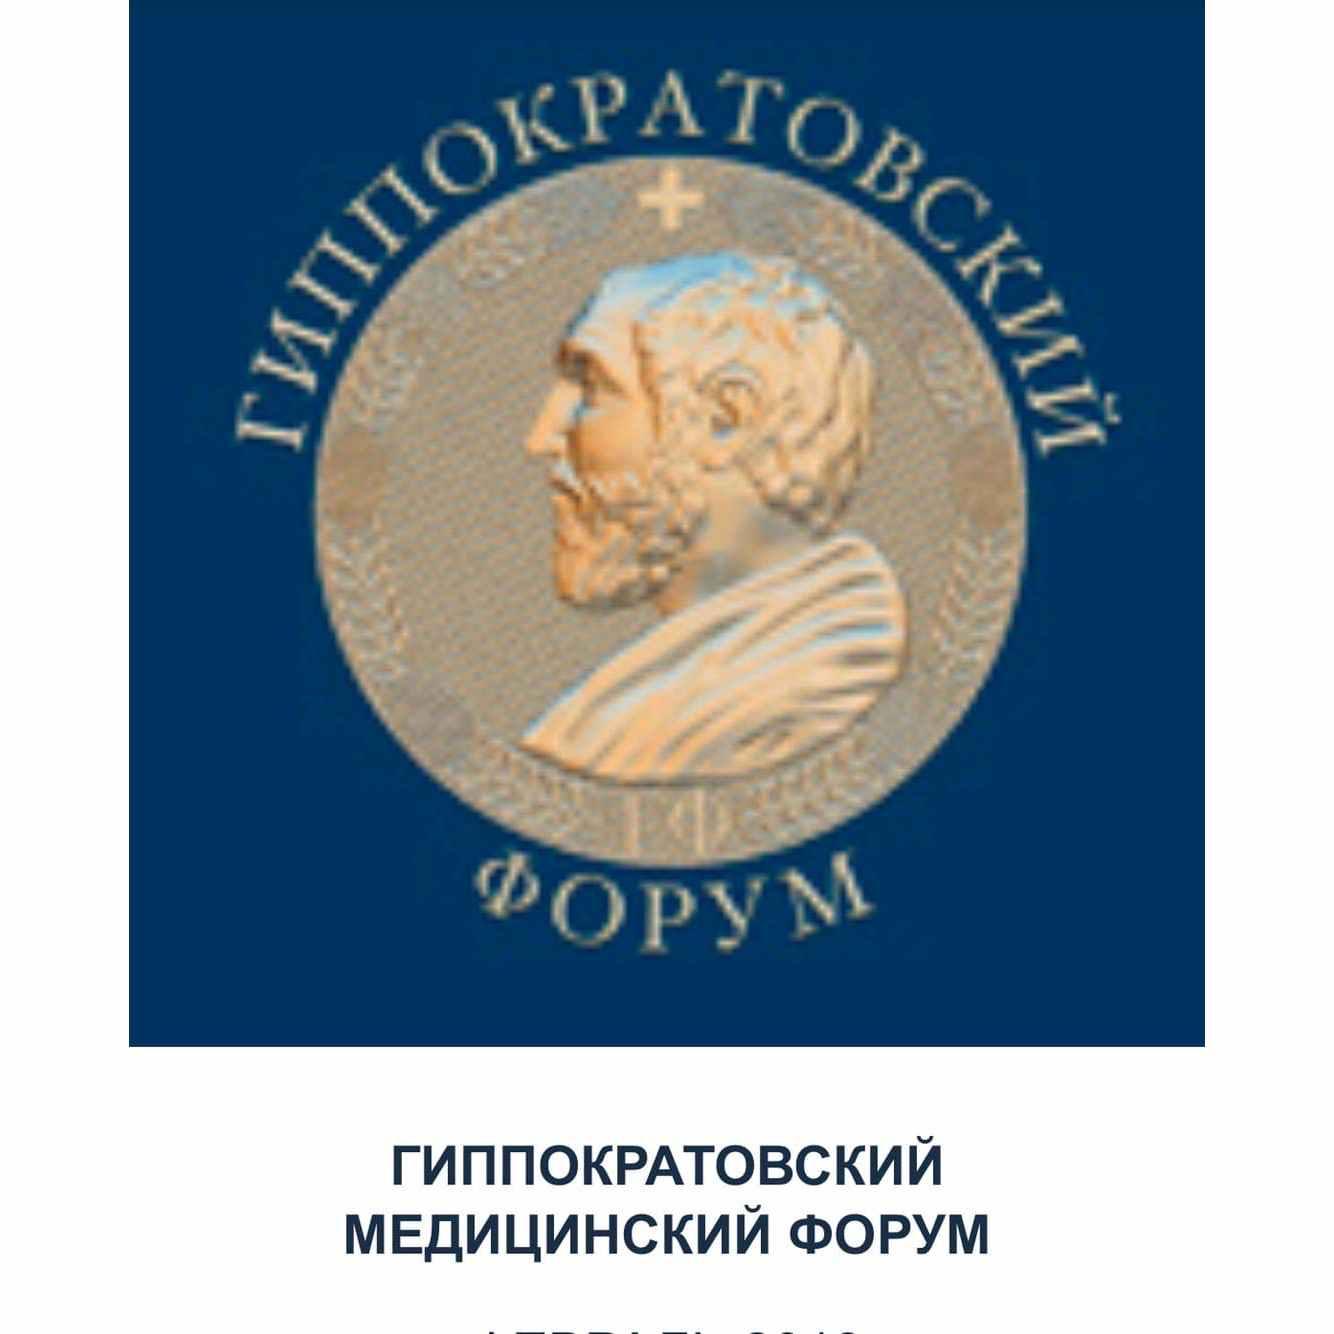 Год назад в Москве состоялся III Гиппократовский медицинский форум по теме: «Медицинская этика и актуальные проблемы демографии» (23.02.20)